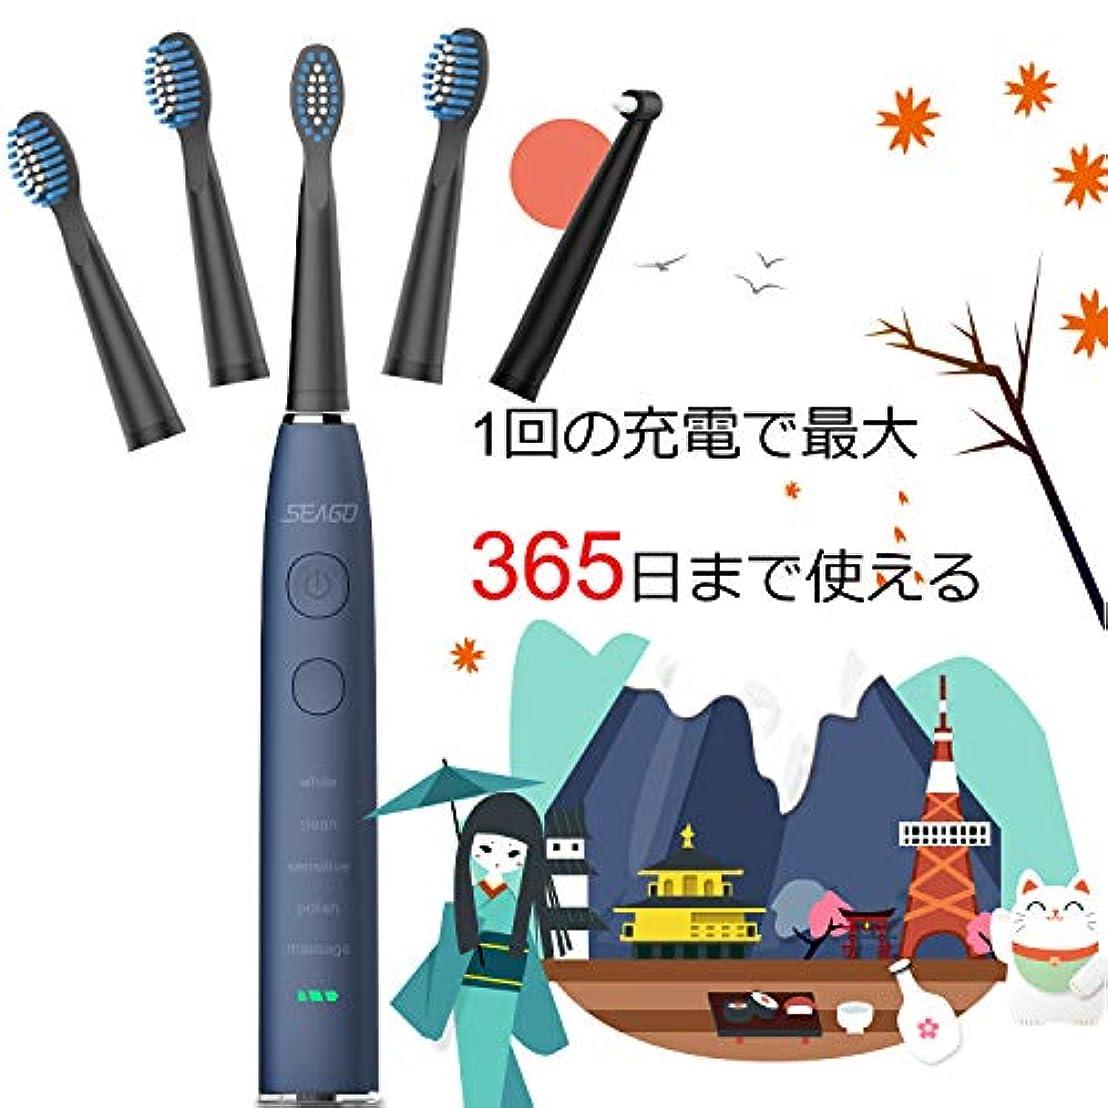 自分タヒチ傷跡電動歯ブラシ 歯ブラシ seago 音波歯ブラシ USB充電式8時間 365日に使用 IPX7防水 五つモードと2分オートタイマー機能搭載 替えブラシ5本 12ヶ月メーカー保証 SG-575(ブルー)